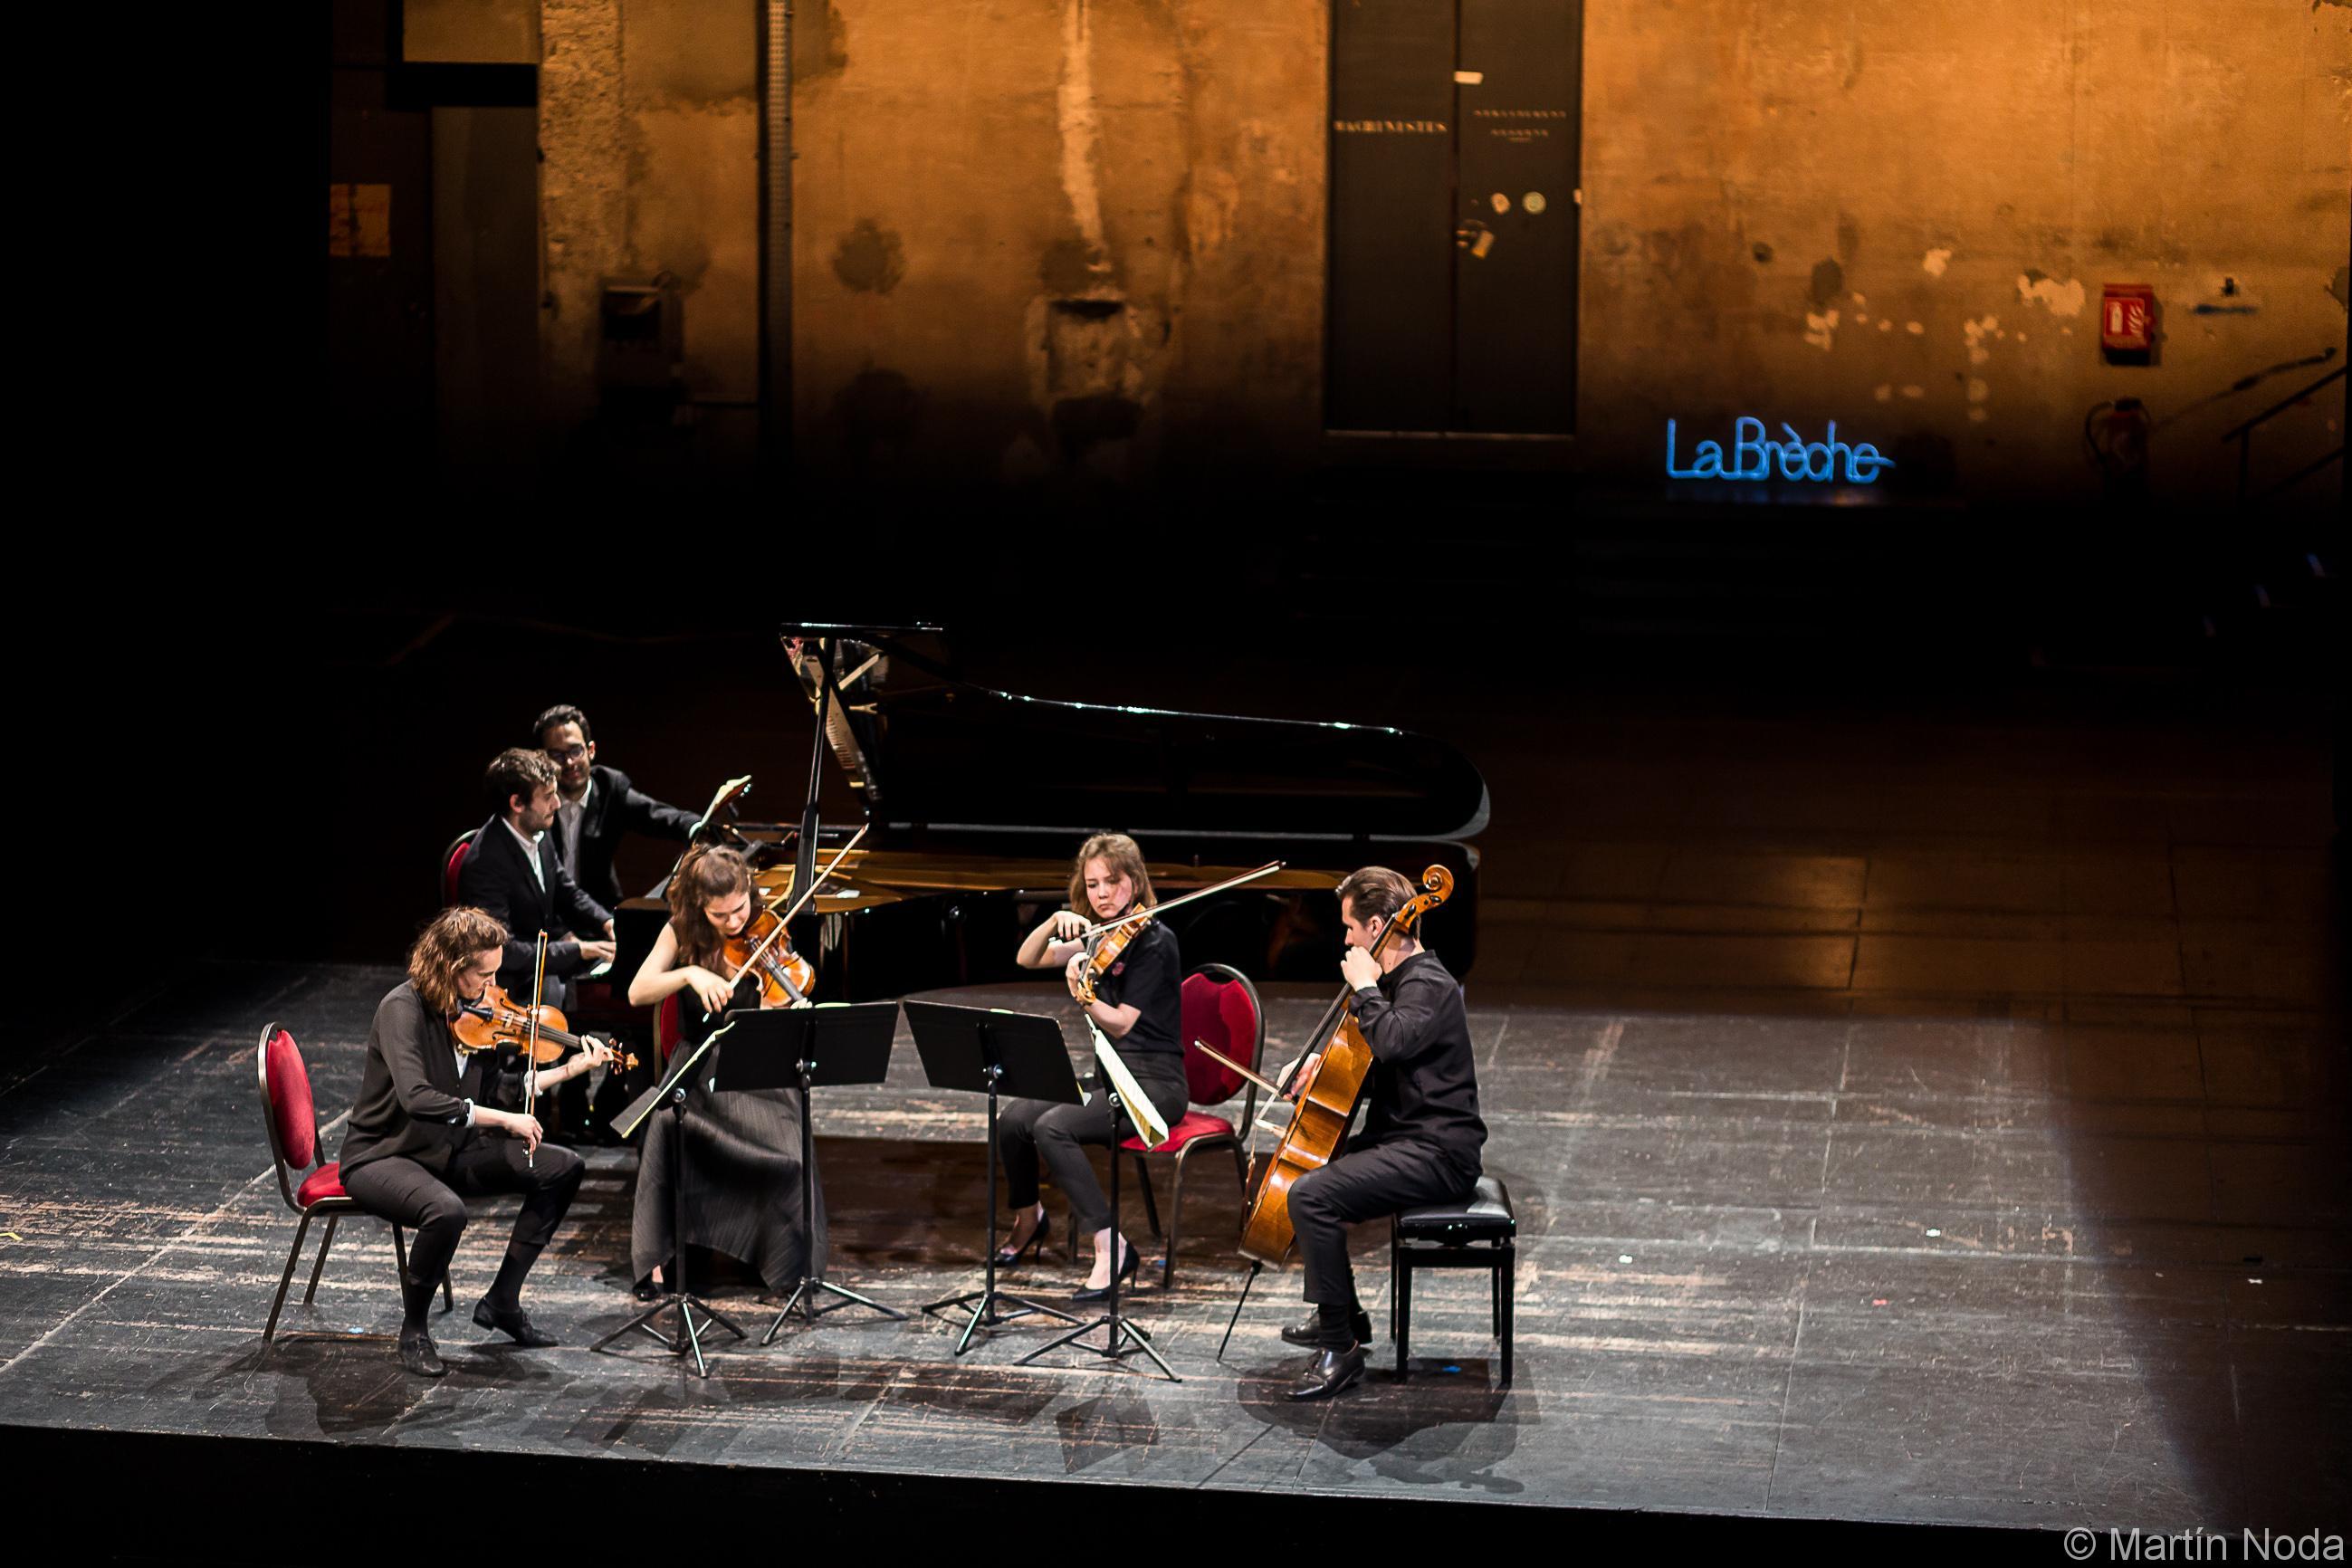 Romain Louveau, Fiona Monbet, Hélène Maréchaux, Léa Hennino et Gauthier Broutin